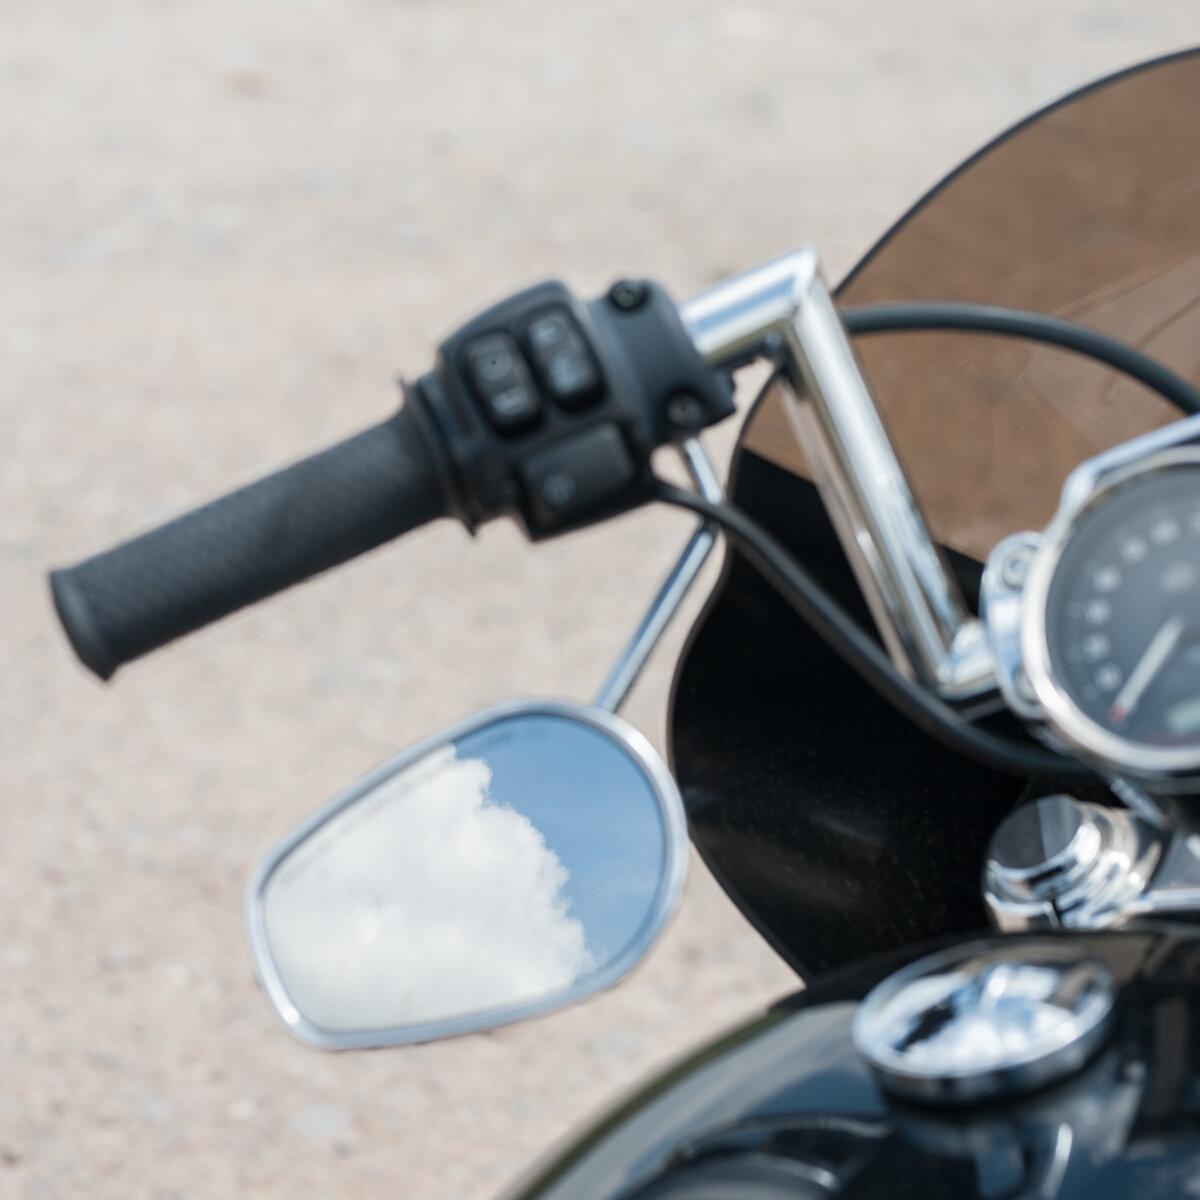 190701-Ride-133926.jpg